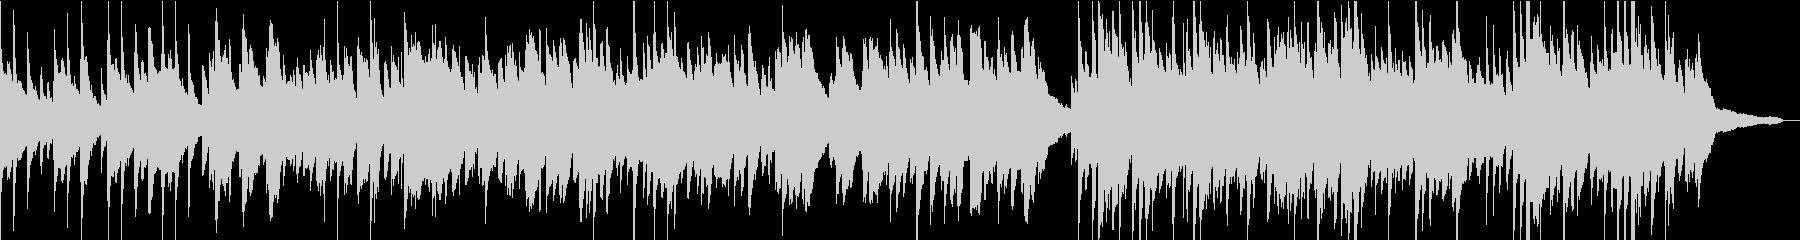 企業VPや映像/感動・ゆったりピアノソロの未再生の波形